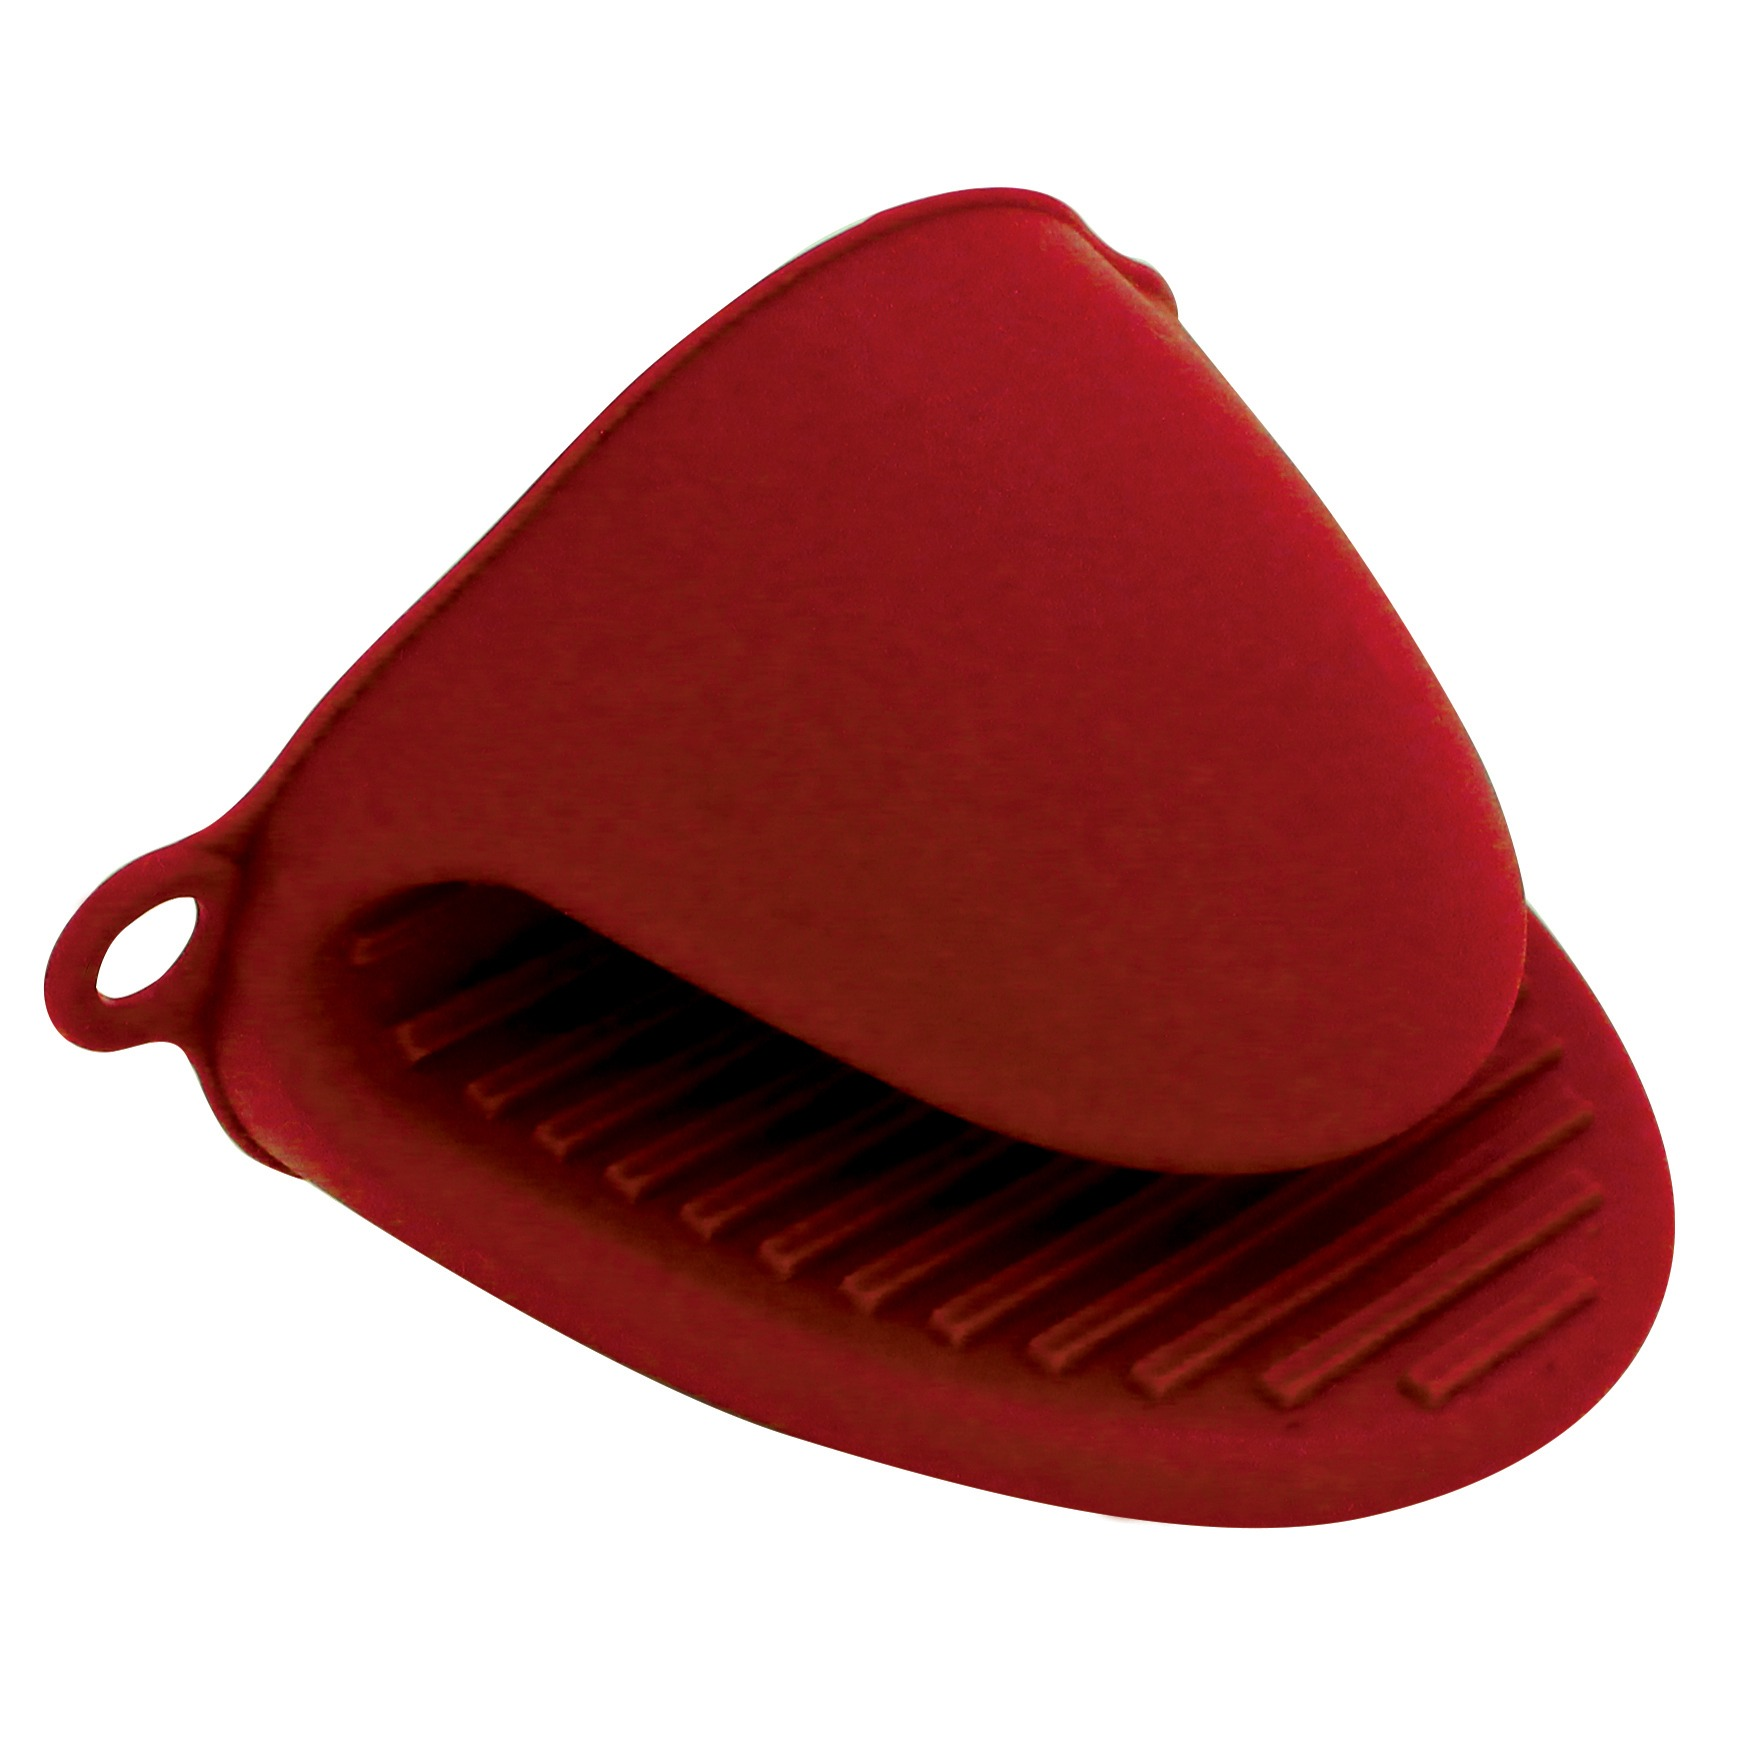 Luva de Cozinha de Silicone 11cm Vermelha - Yangzi